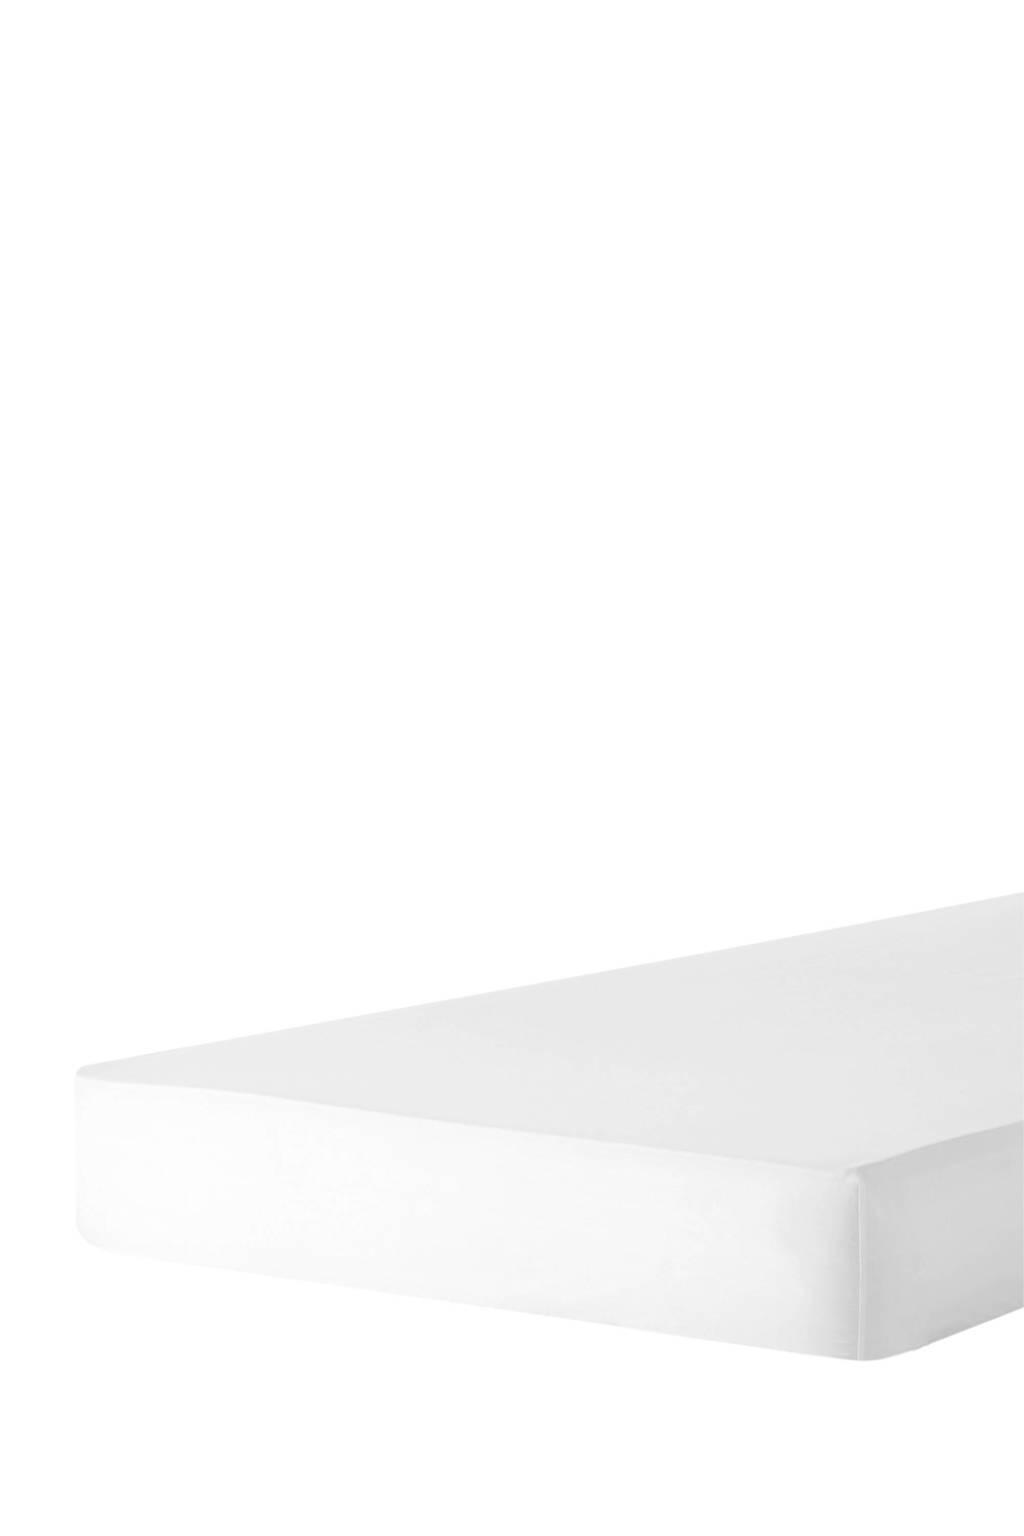 wehkamp home perkalkatoenen (hotel) hoeslaken Wit